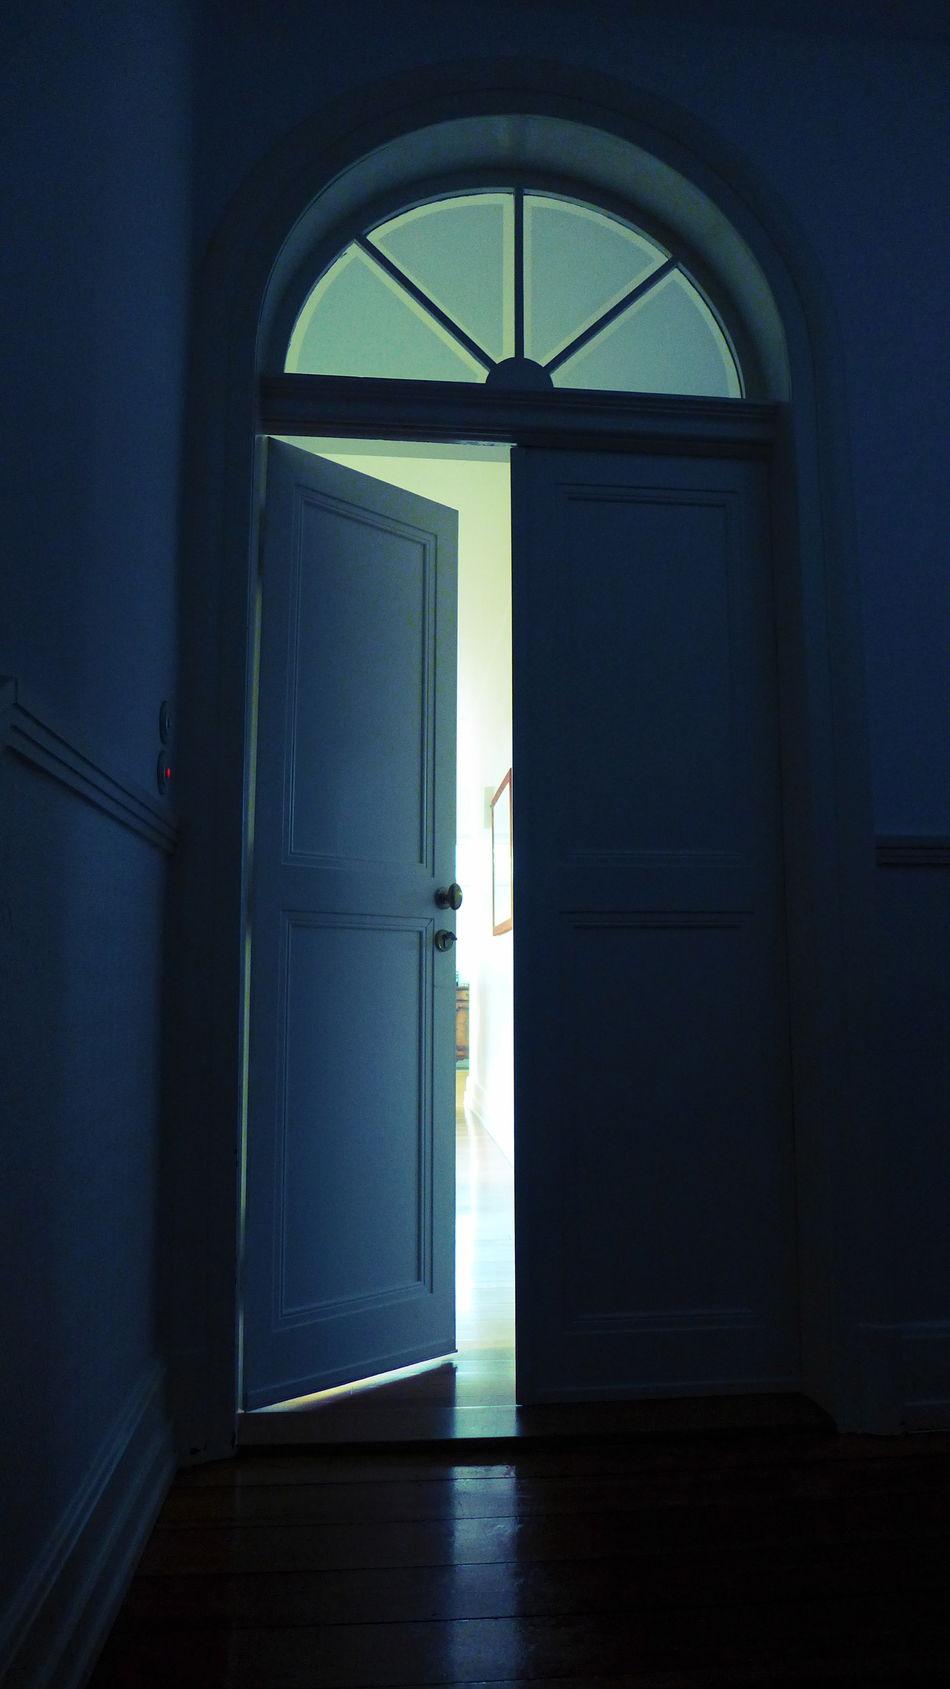 Beautiful stock photos of hotel, Architecture, Door, Doorway, Empty